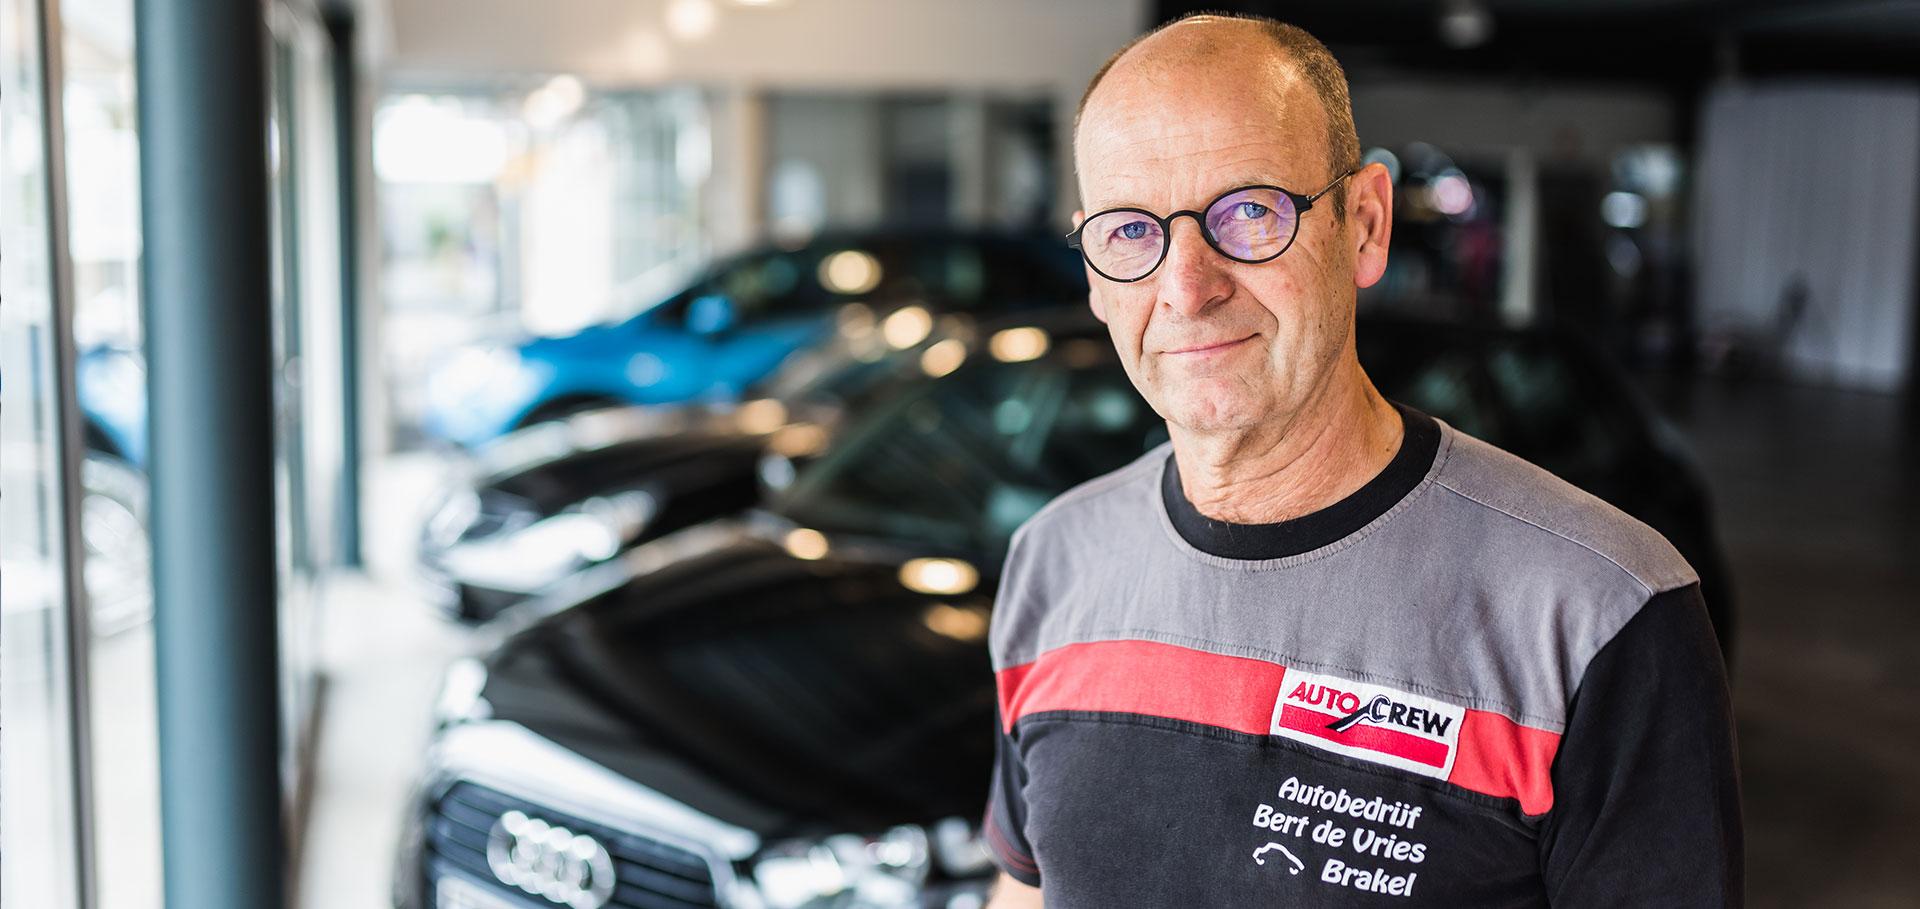 Eigenaar Bert de Vries - Autobedrijf Bert van Vries